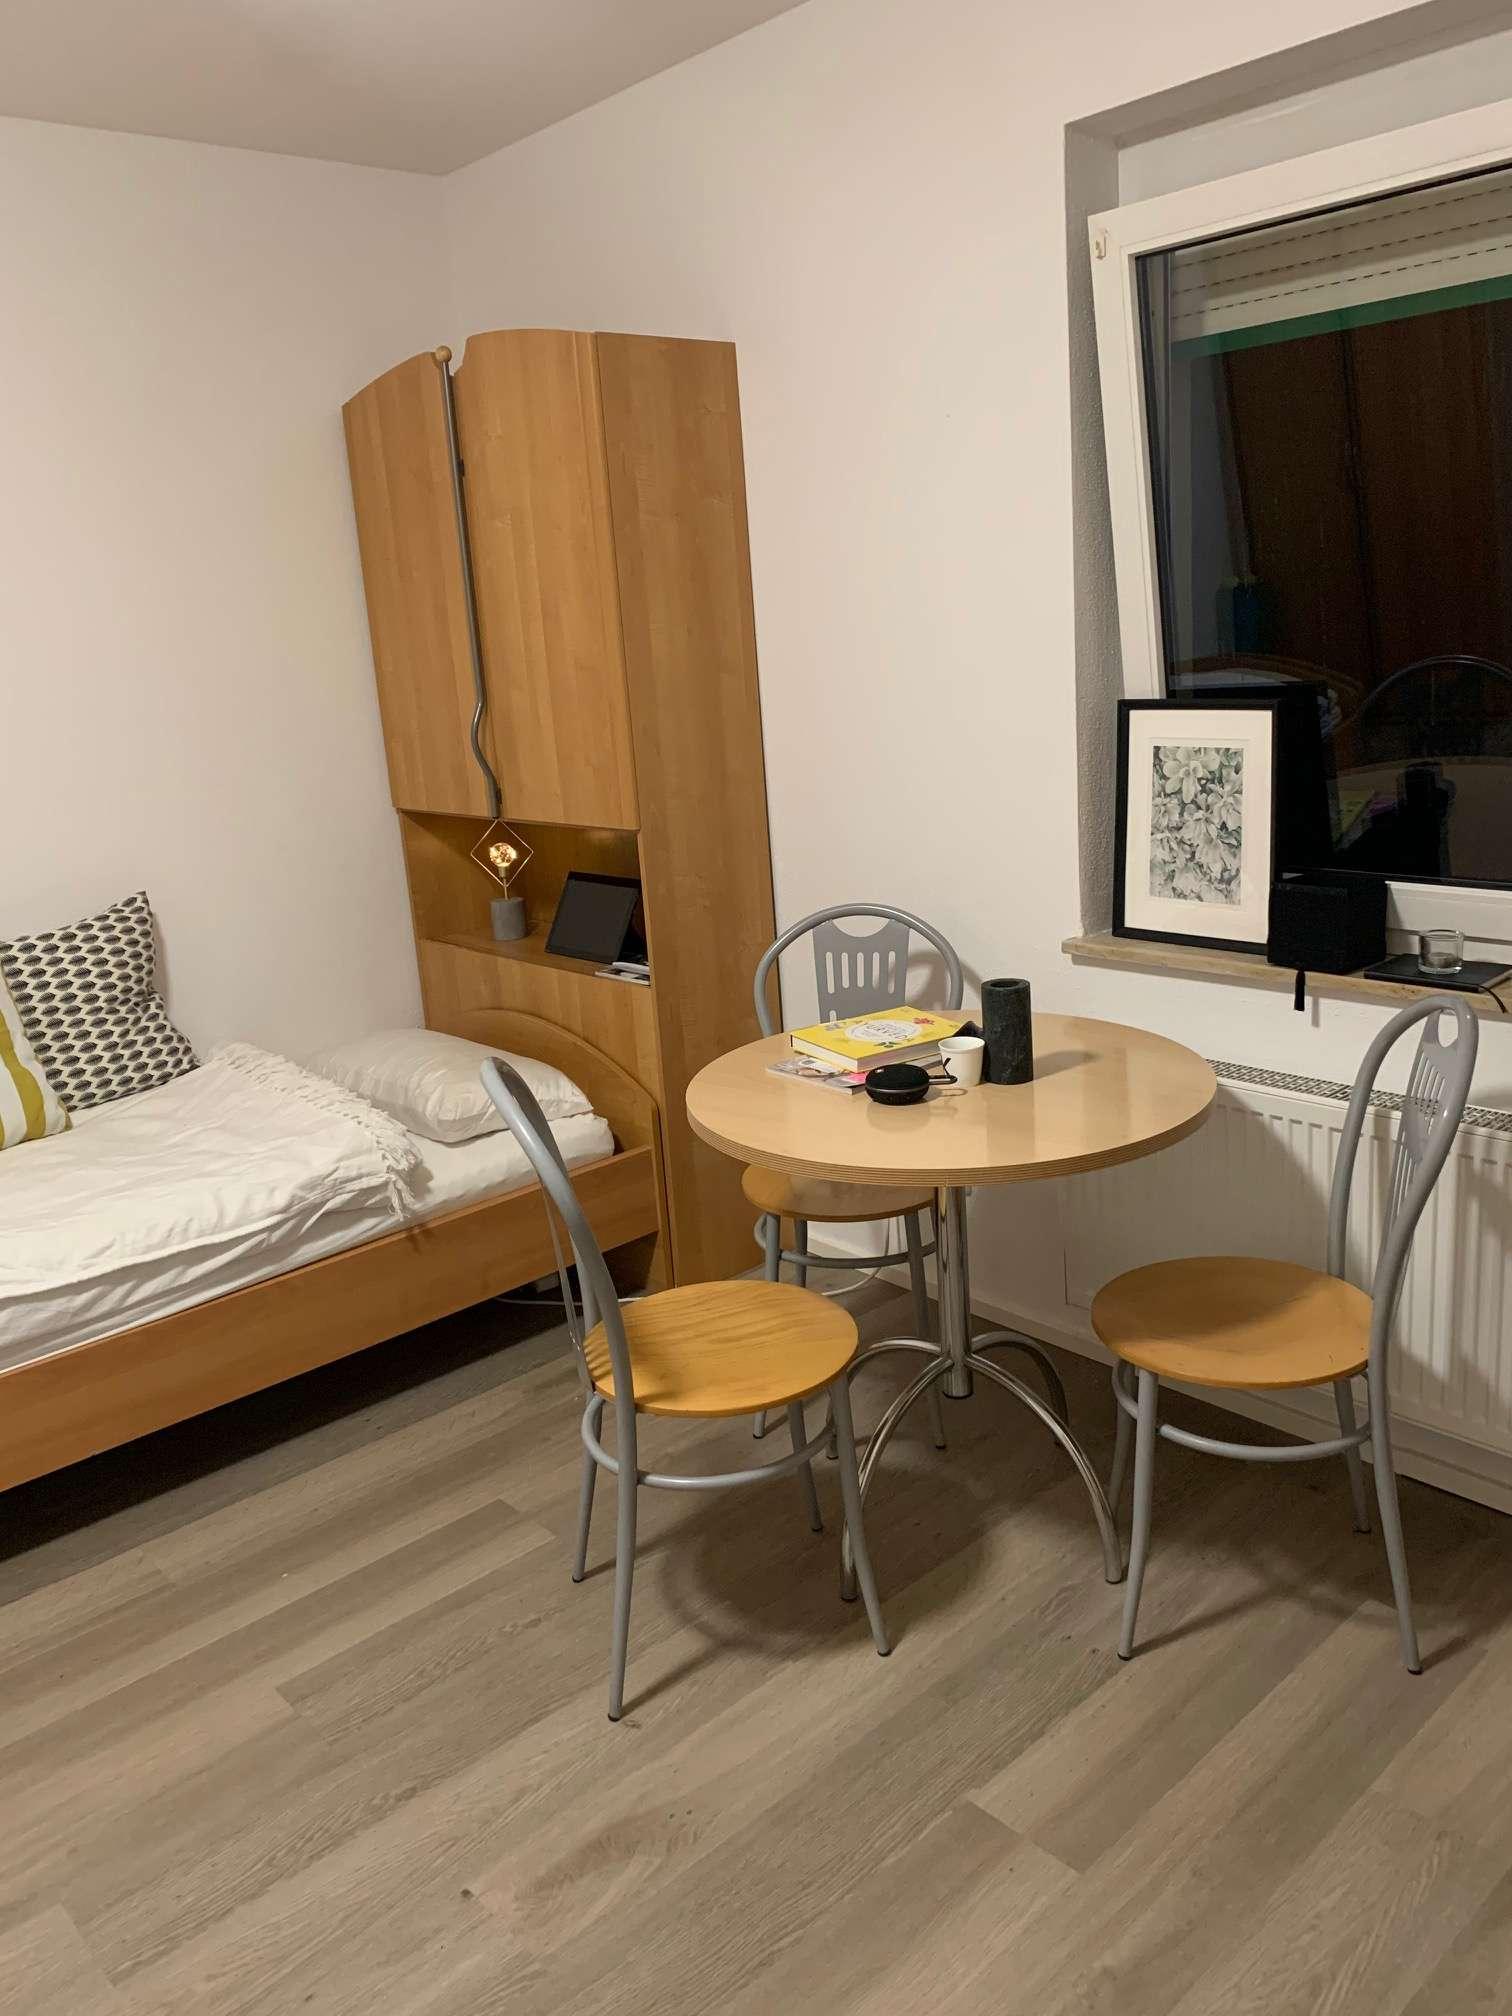 Für Studenten, schönes möbliertes 1-Zimmer Apartment !  Anfragen bitte nur per E-Mail in